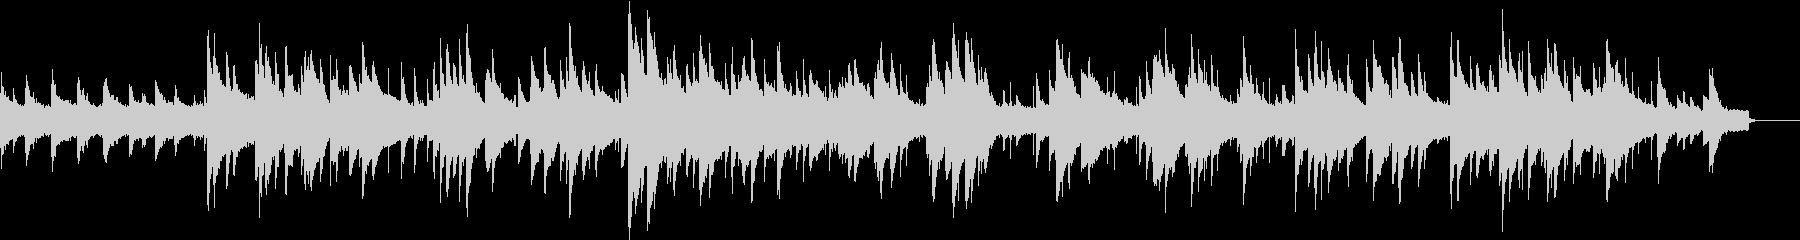 チェレスタとパイプオルガンの聖なる曲の未再生の波形